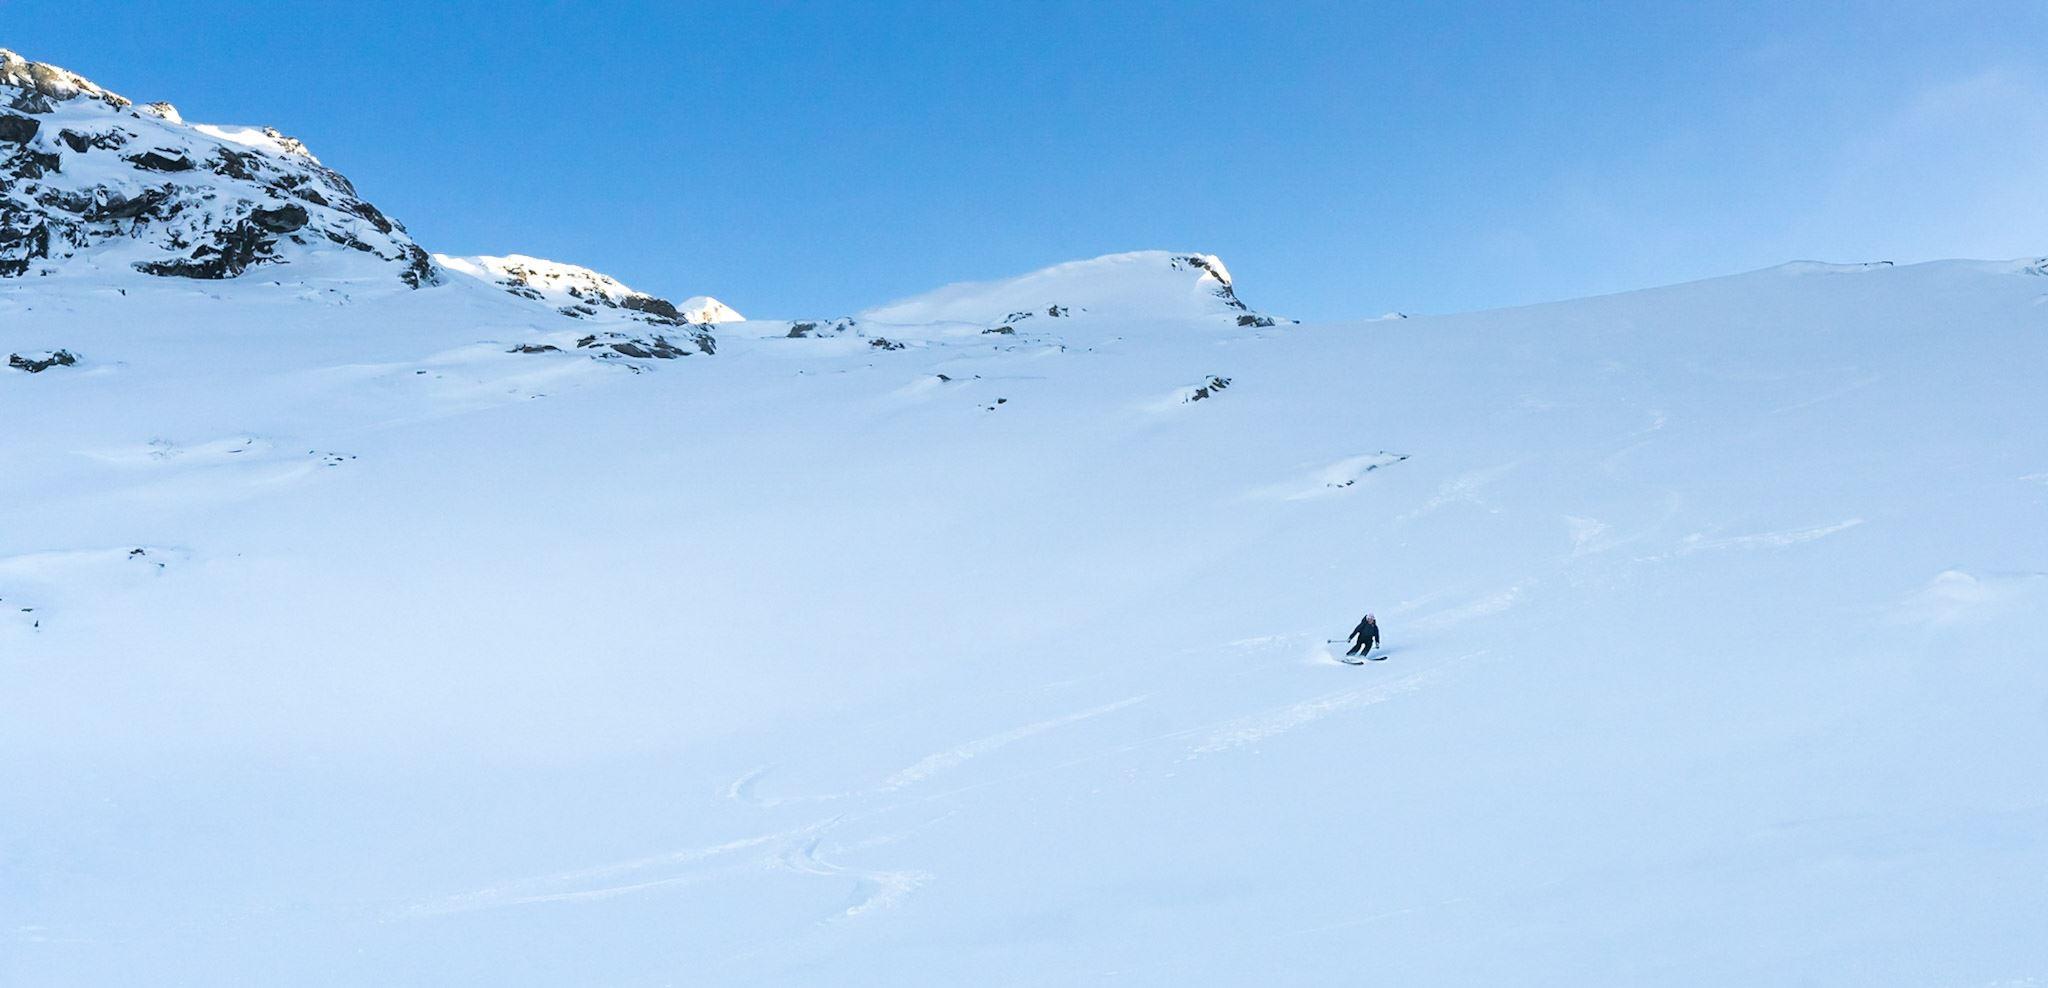 Bli klar til skisesongen - Alpin og toppturteknikk 2019